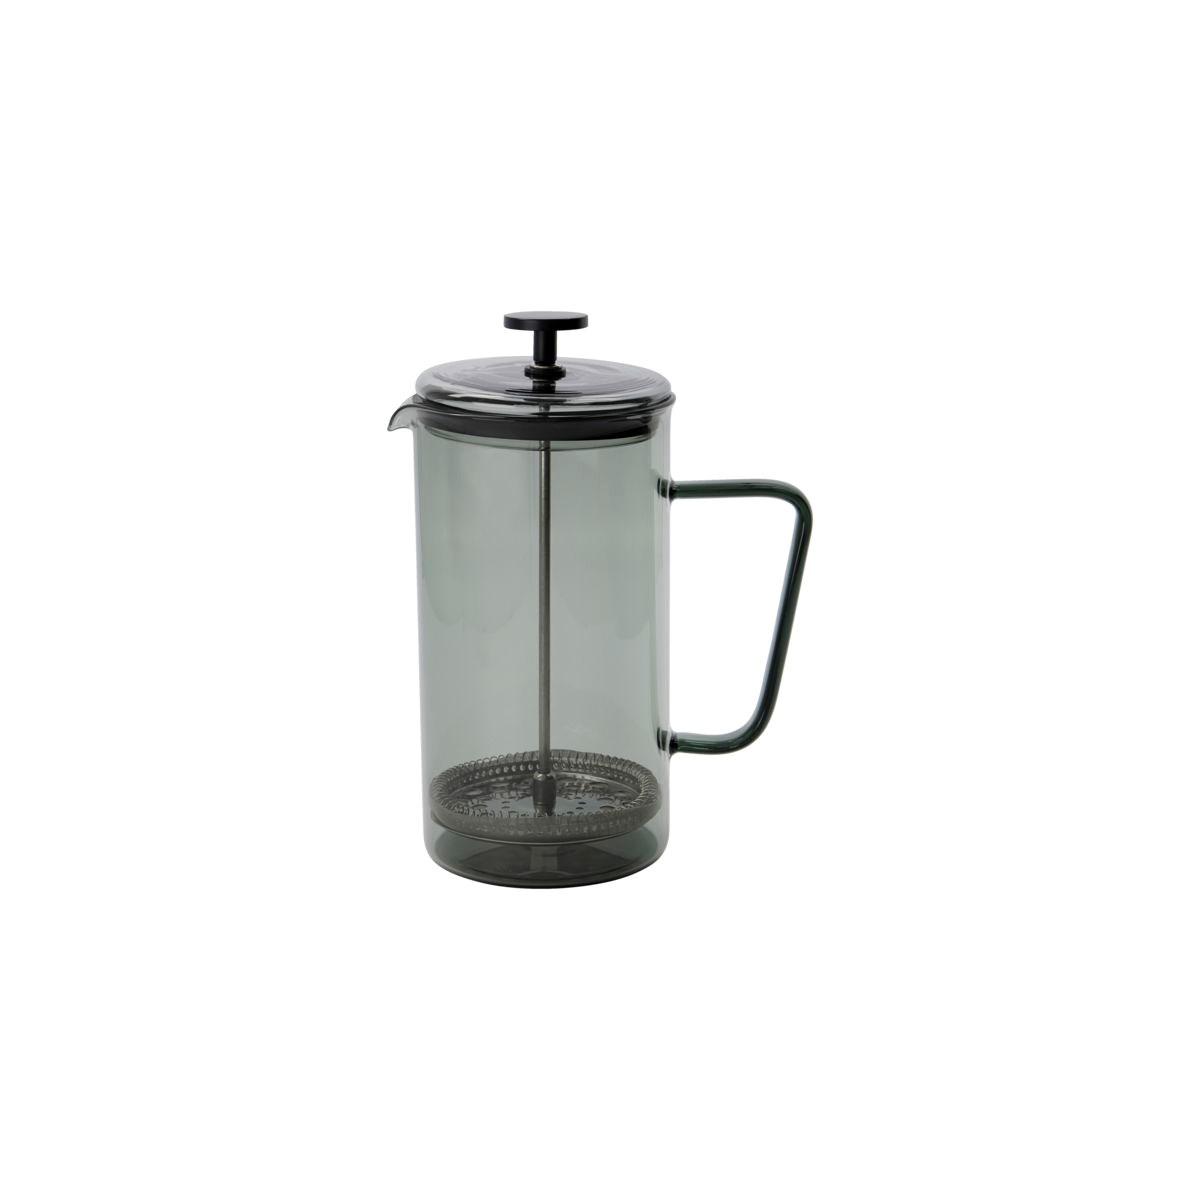 Konvice na čaj / kávu French press NURU kouřová 1 l_0